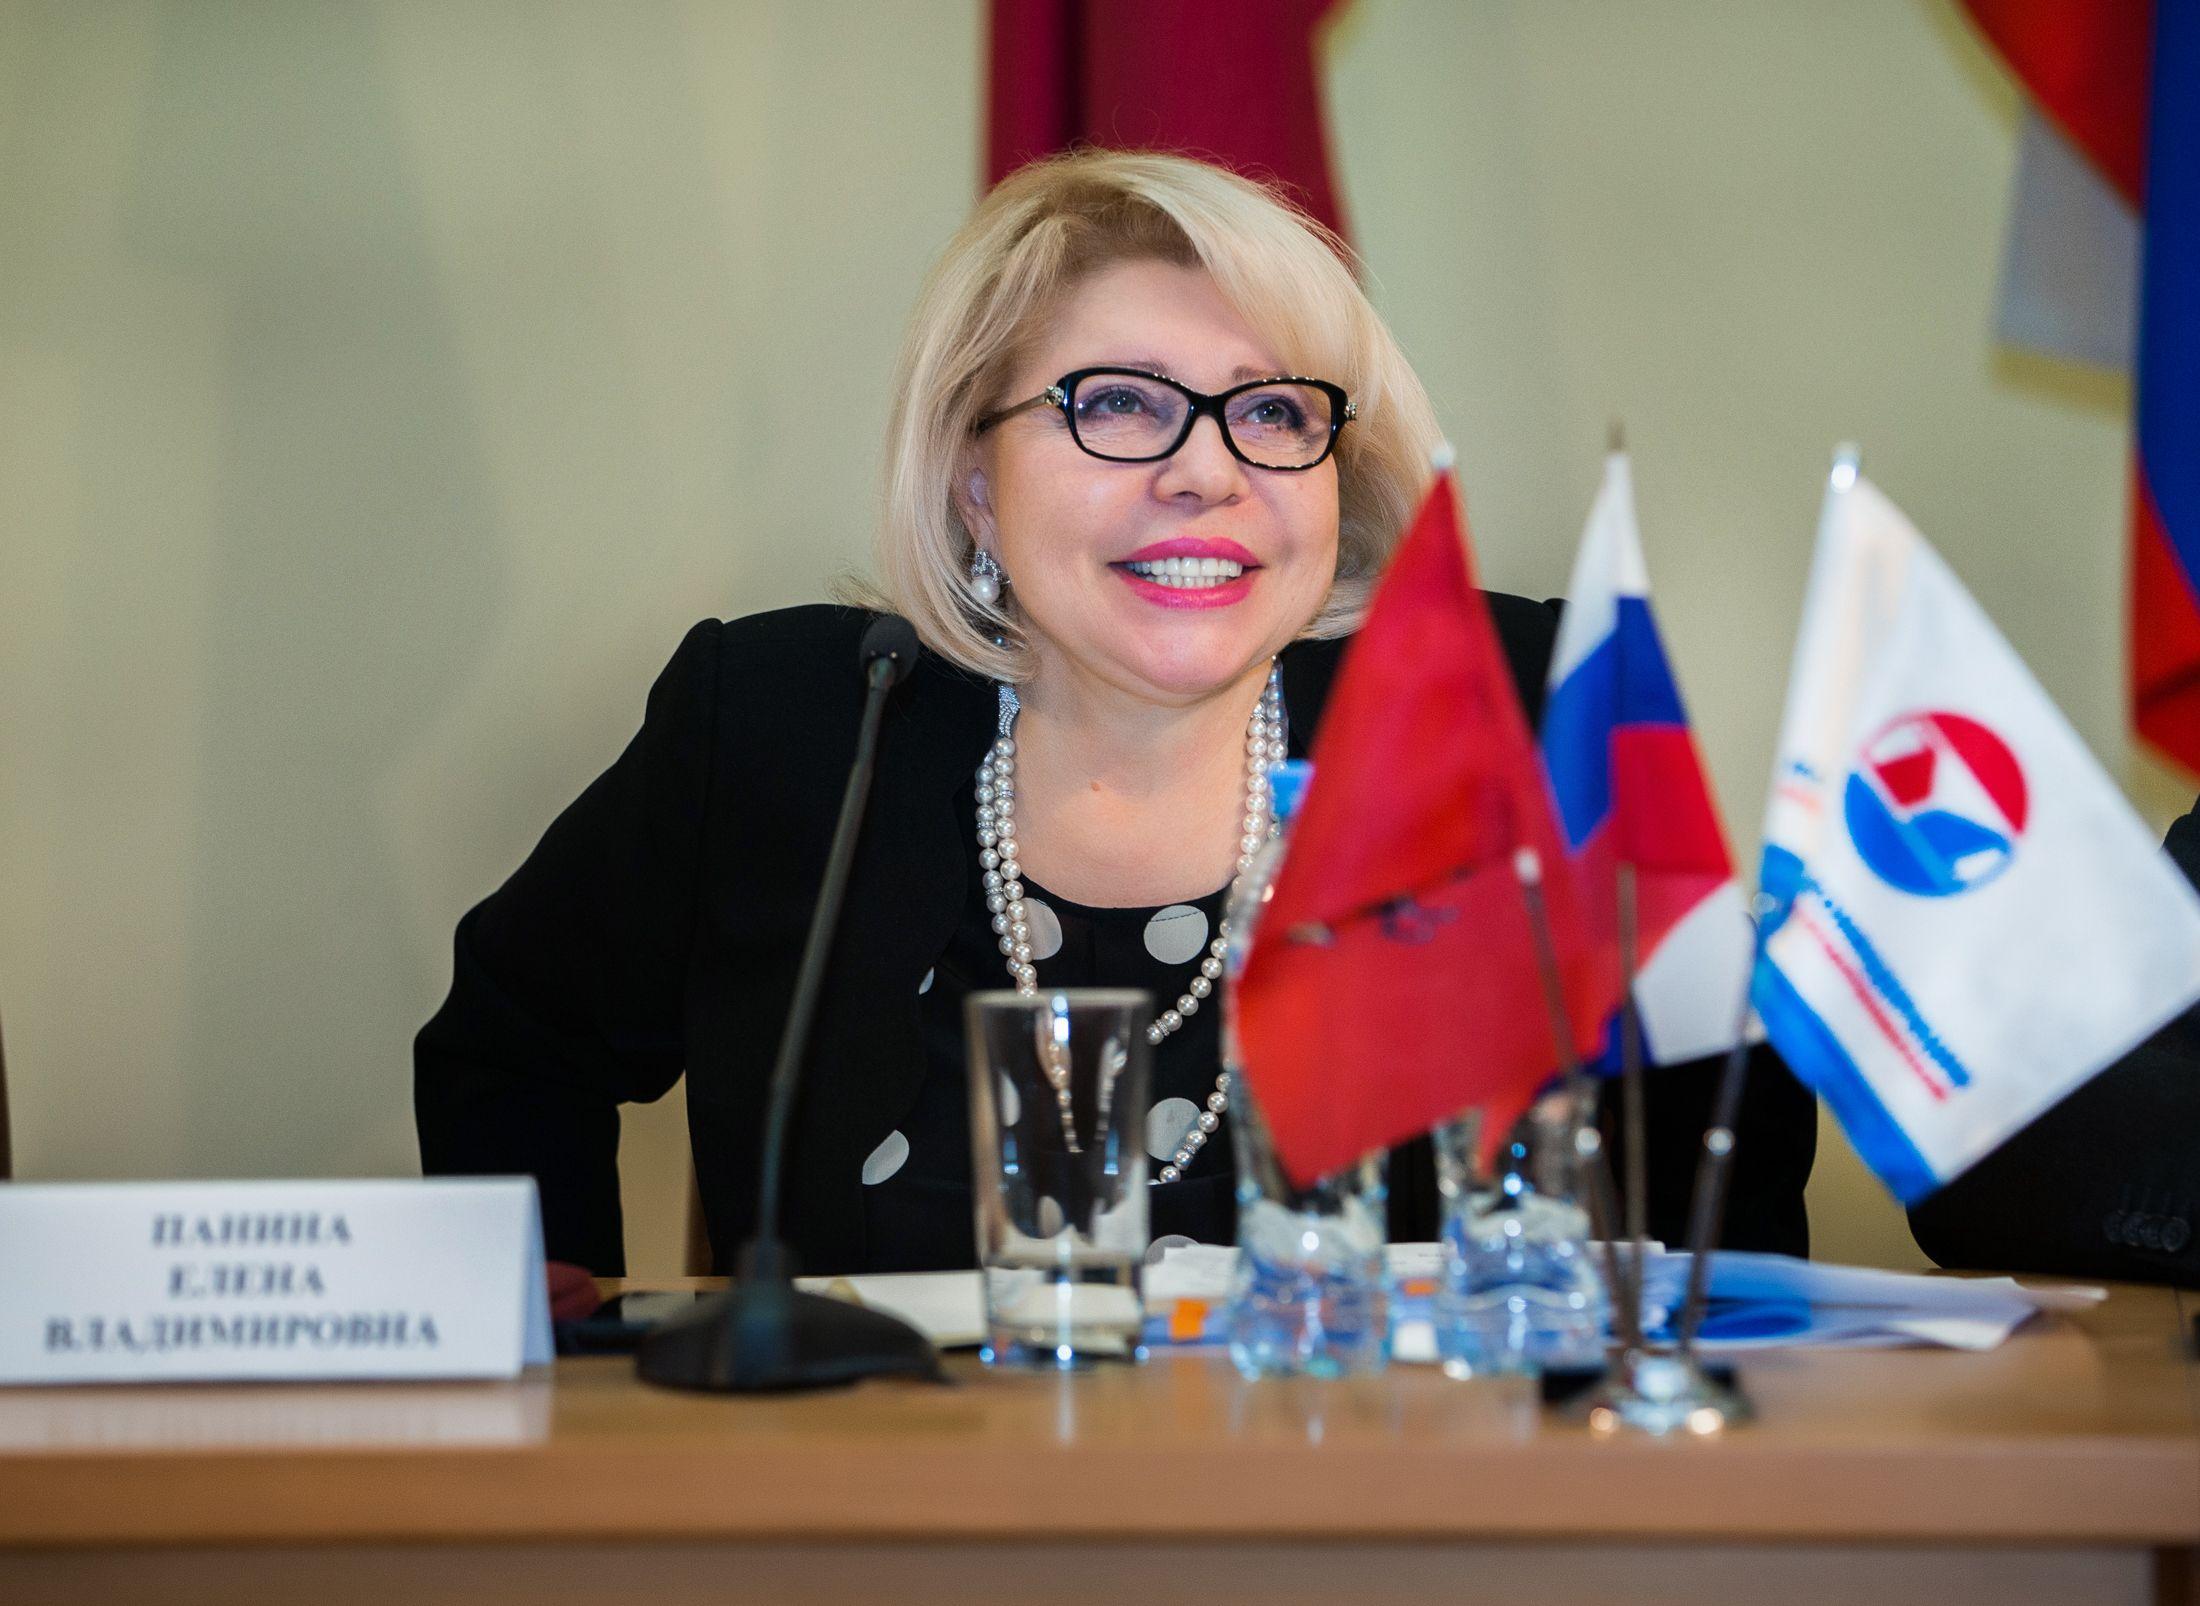 Депутат Государственной Думы Российской Федерации Елена Панина посетит многофункциональный районный центр «Ангара»